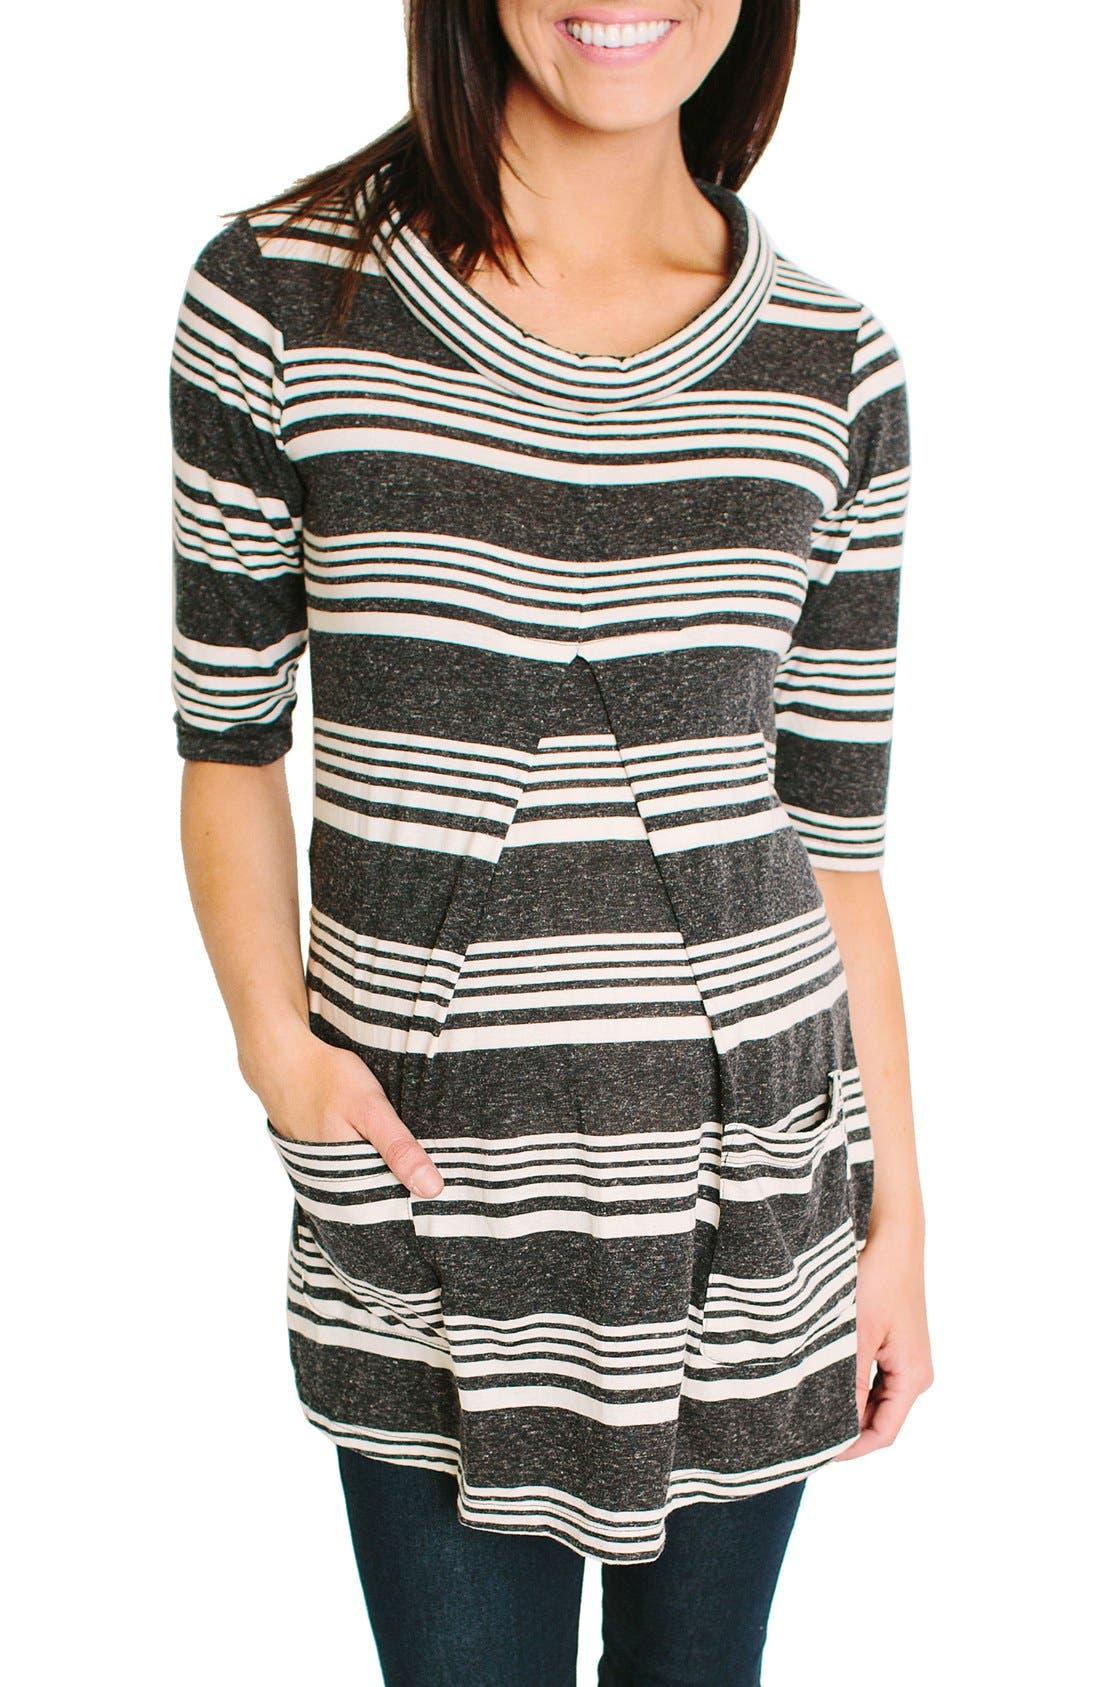 Clio Maternity Top,                         Main,                         color, Gray Stripe